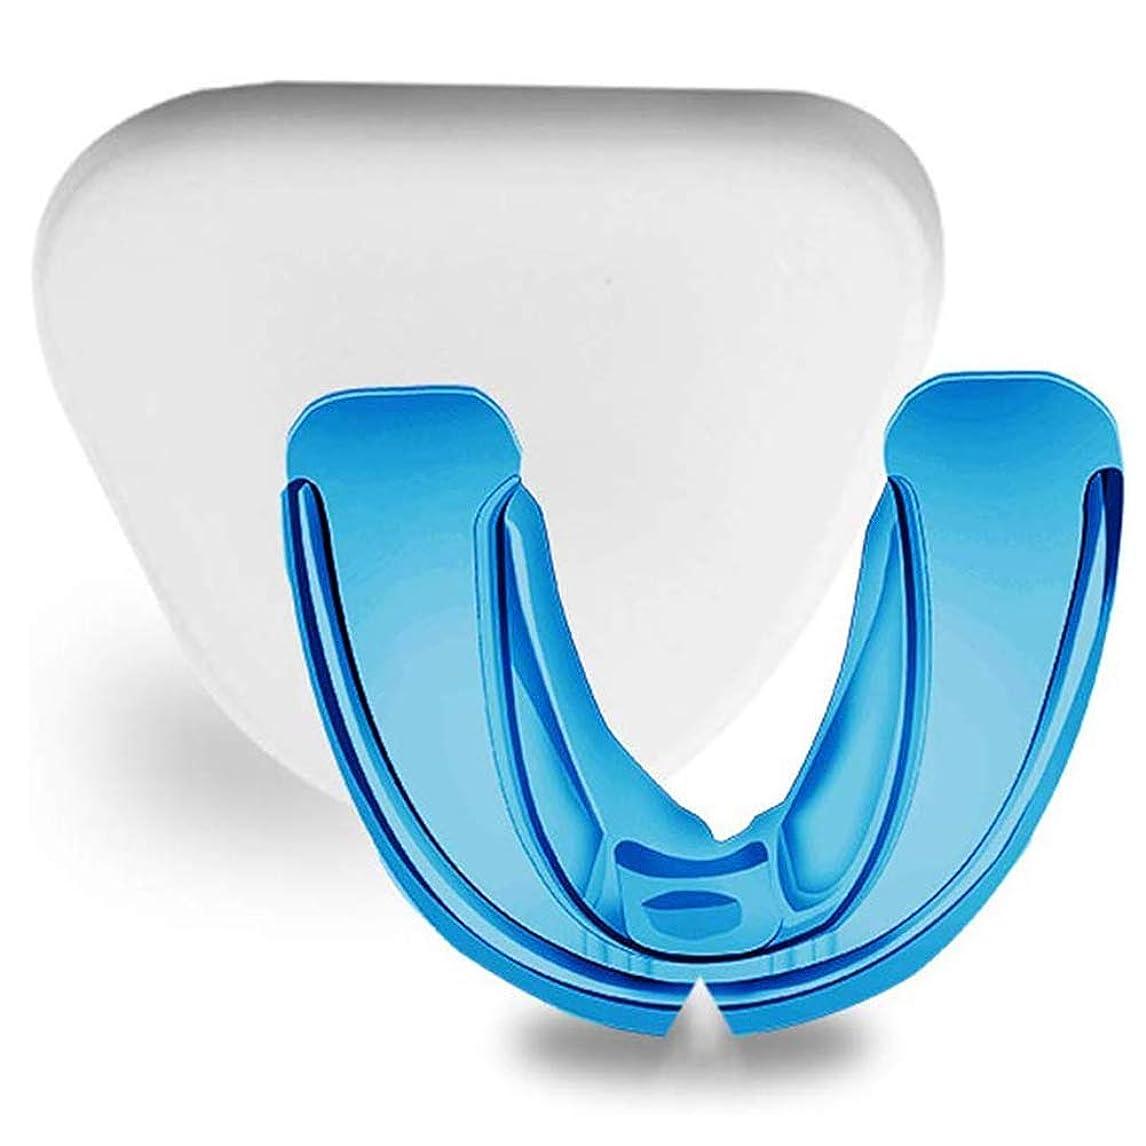 予感テレビ局絶滅した歯位置合わせホルダー、透明なソフトおよびハード歯科用マウスガード歯科矯正トレーナー器具,B